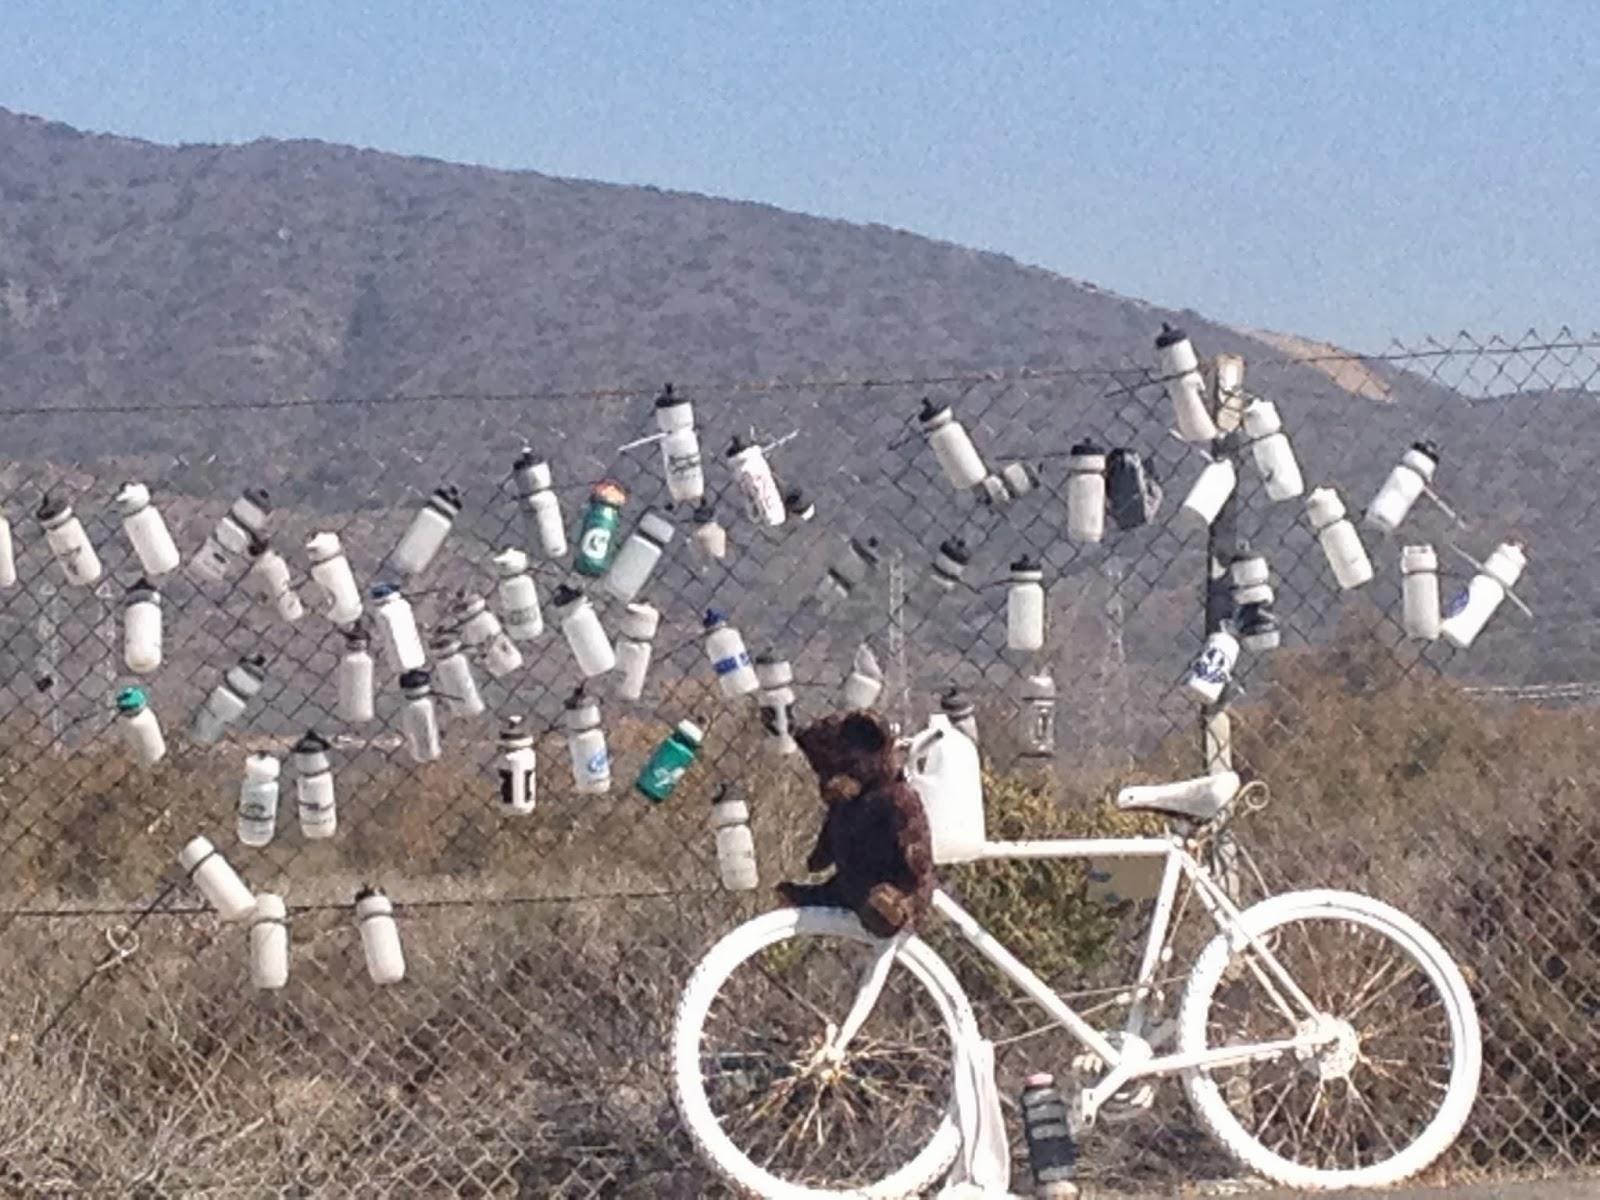 The San Diego Bikeist Stuff I See From My Bike